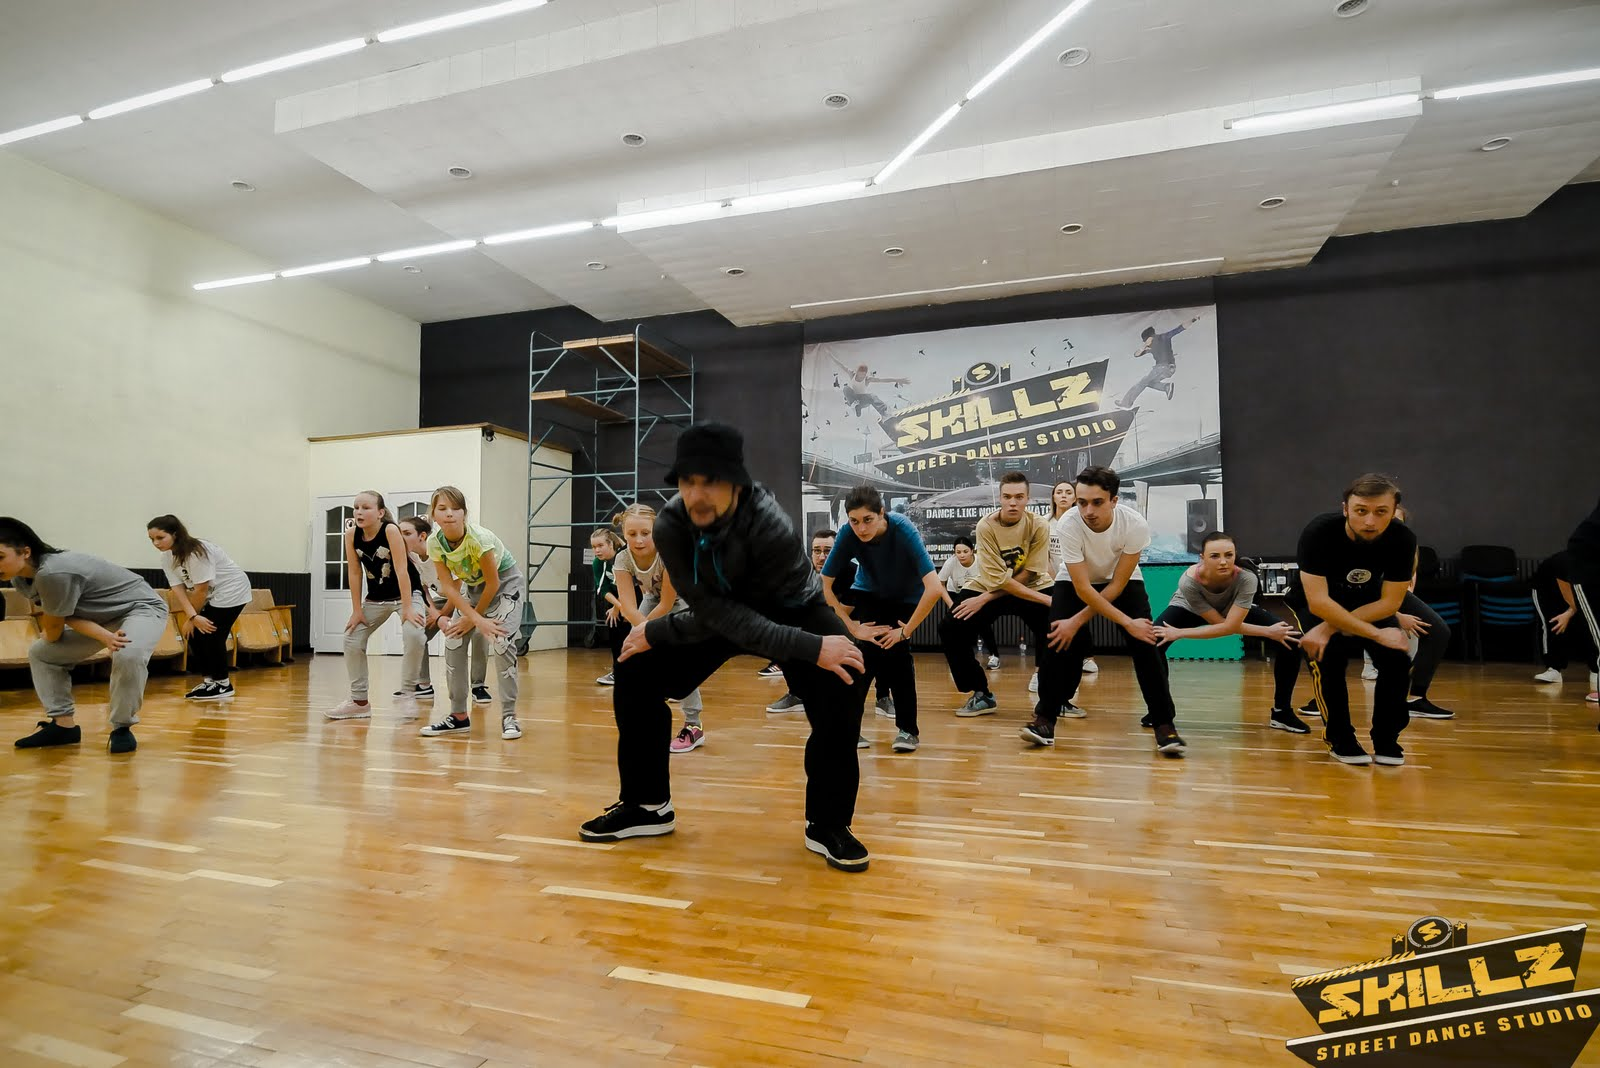 Hip hop seminaras su Jeka iš Maskvos - _1050249.jpg